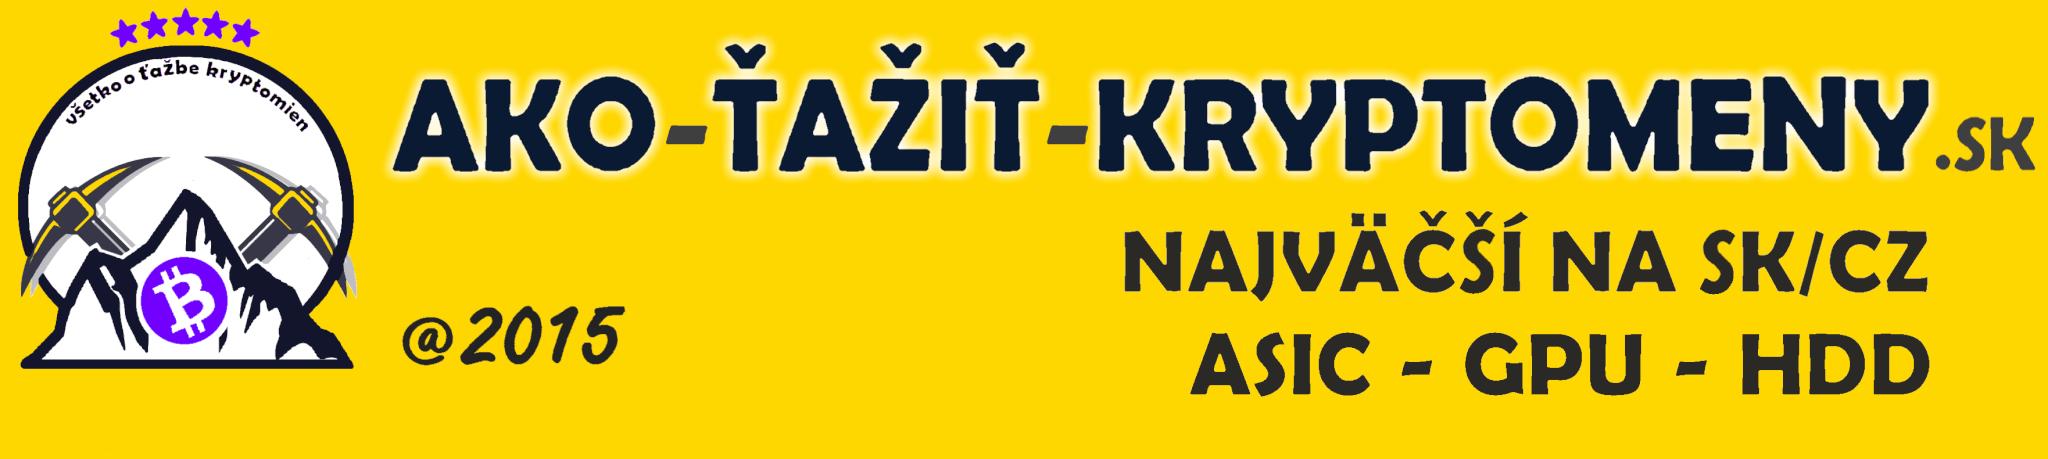 Ako-tazit-kryptomeny.sk Všetko o ťažbe LogoAMP-9.2020-11.2020